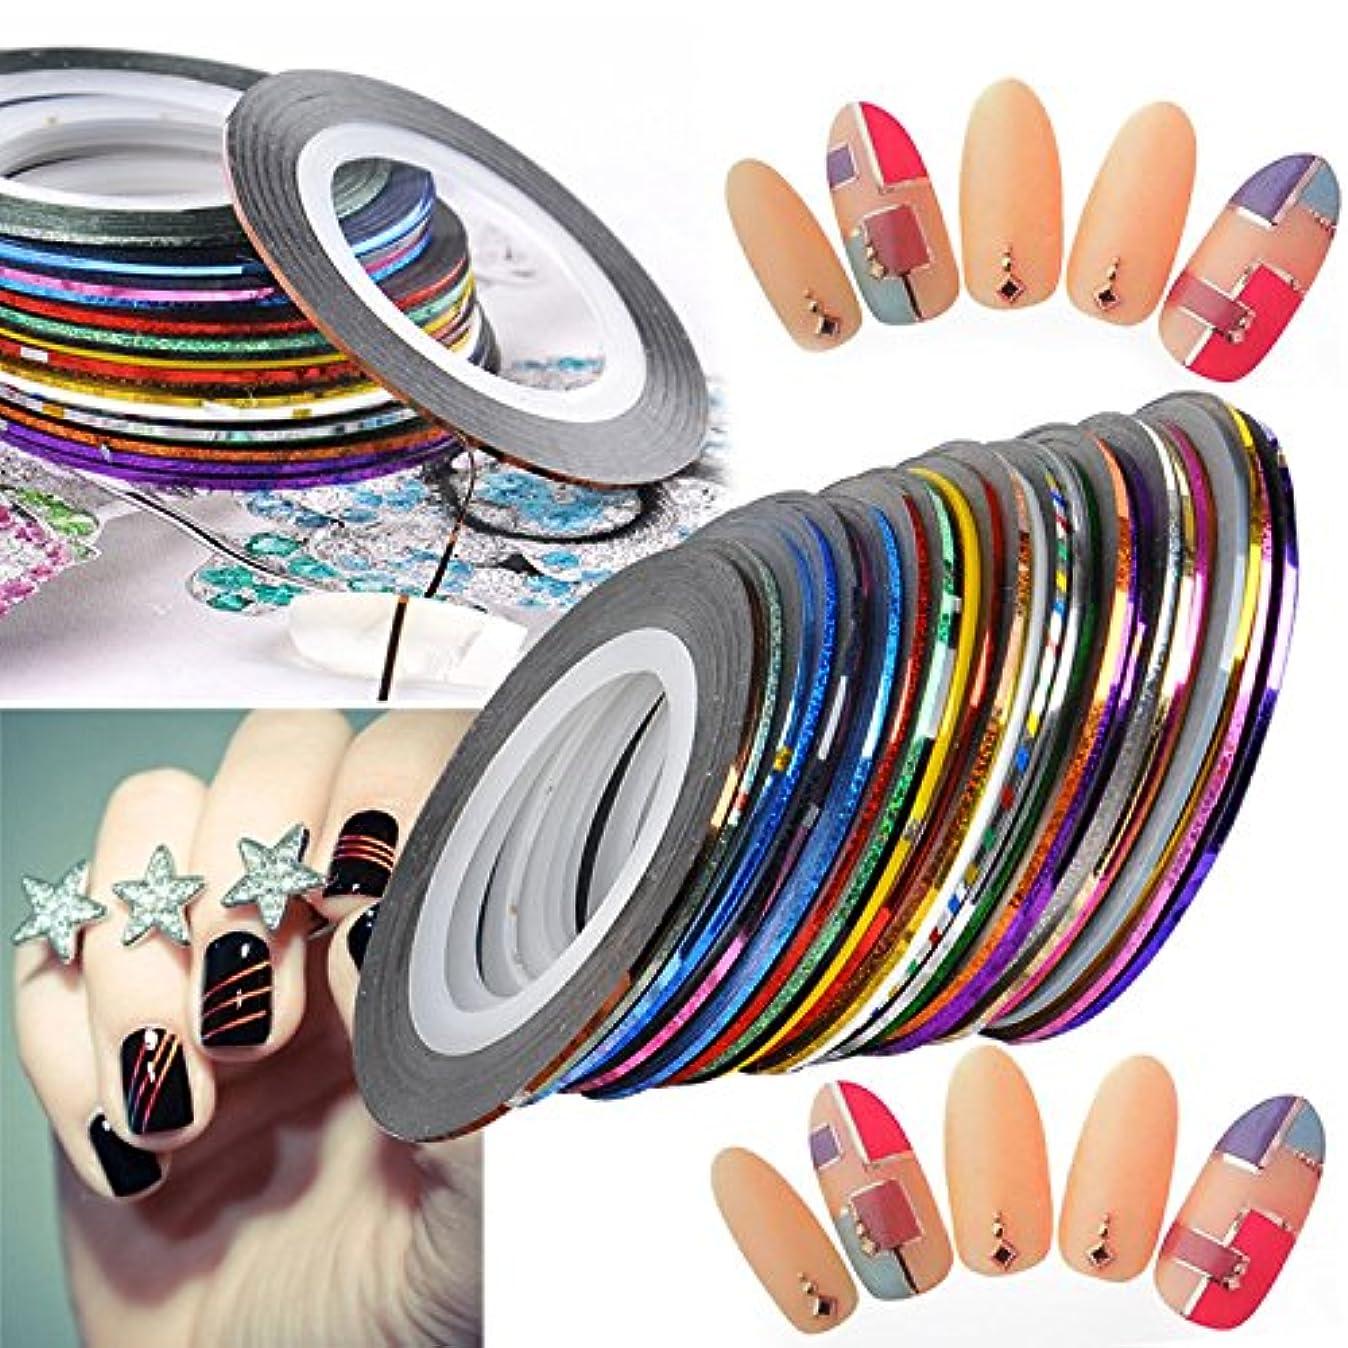 威信文法コンセンサスネイルアート用 ラインテープ 爪 飾り用品 カラフル 綺麗 ラインアートテープ 30種セット